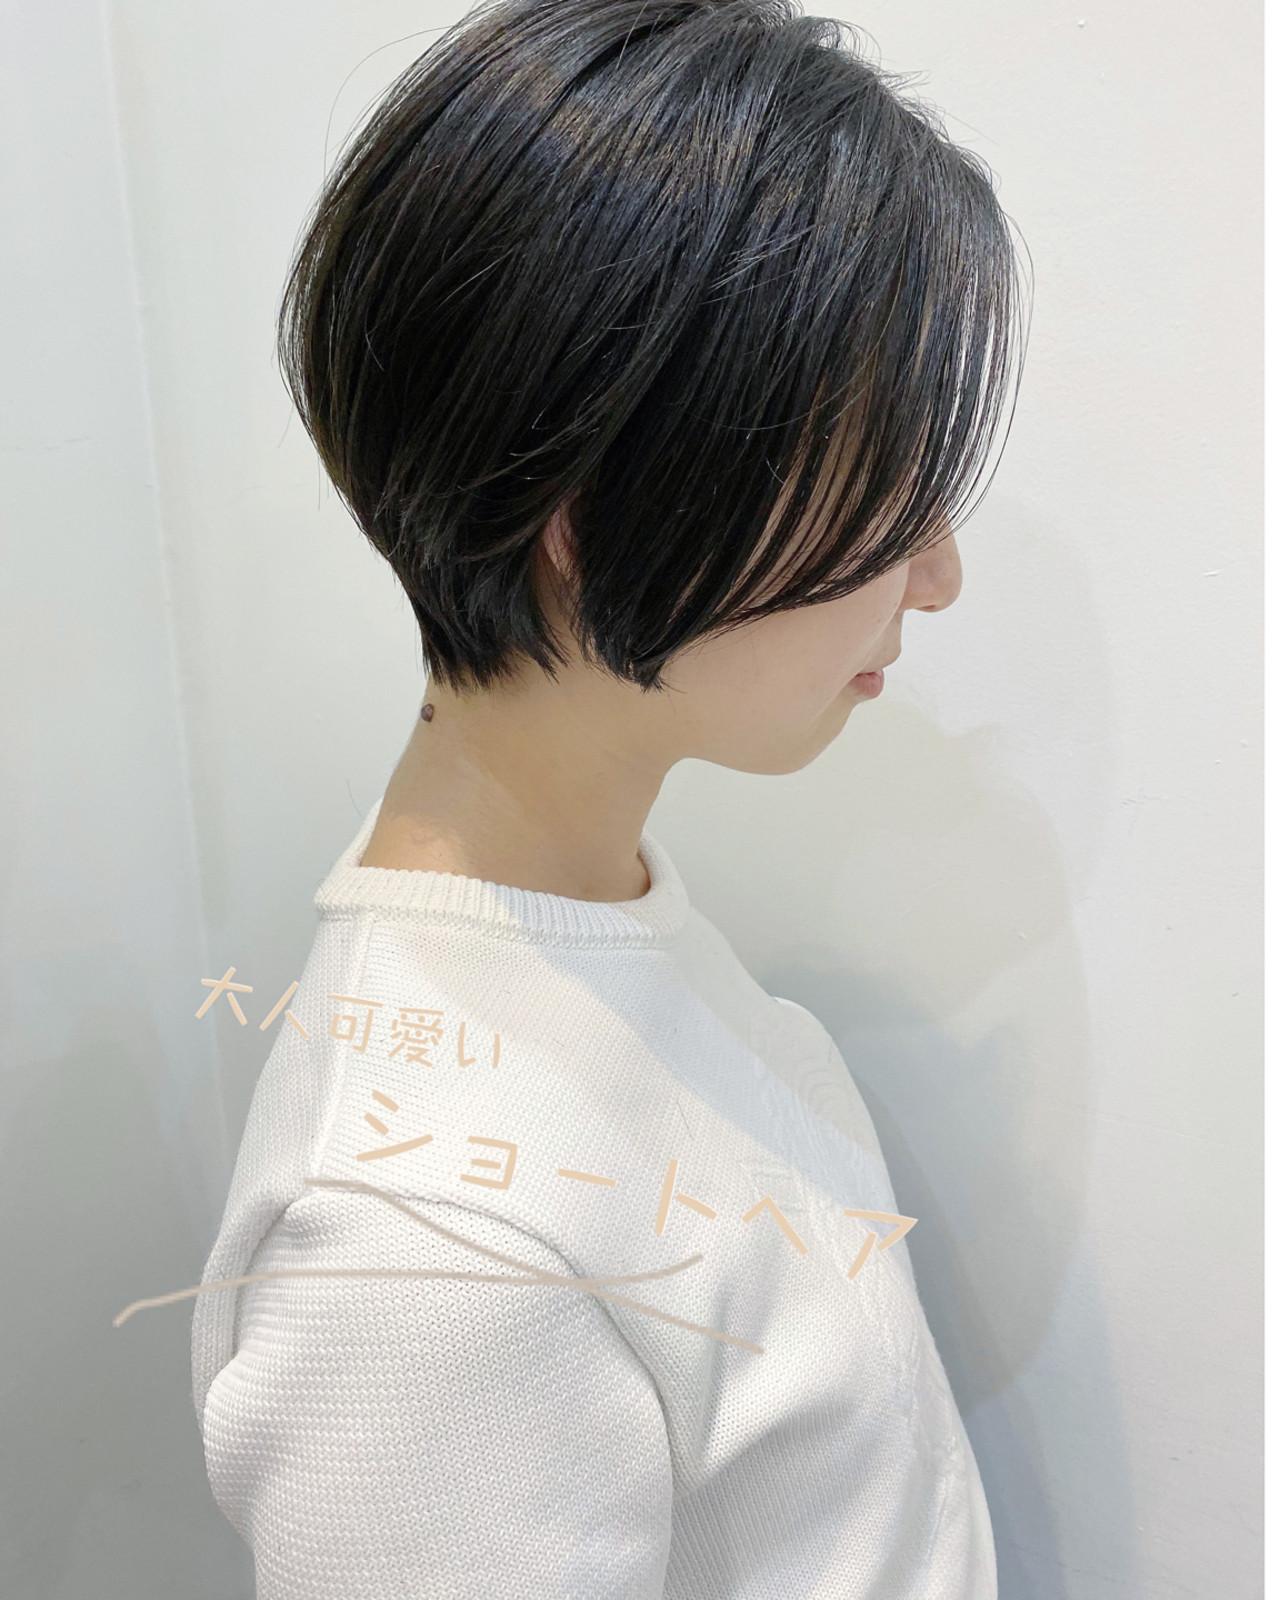 大人かわいい ショートボブ ベリーショート ショート ヘアスタイルや髪型の写真・画像